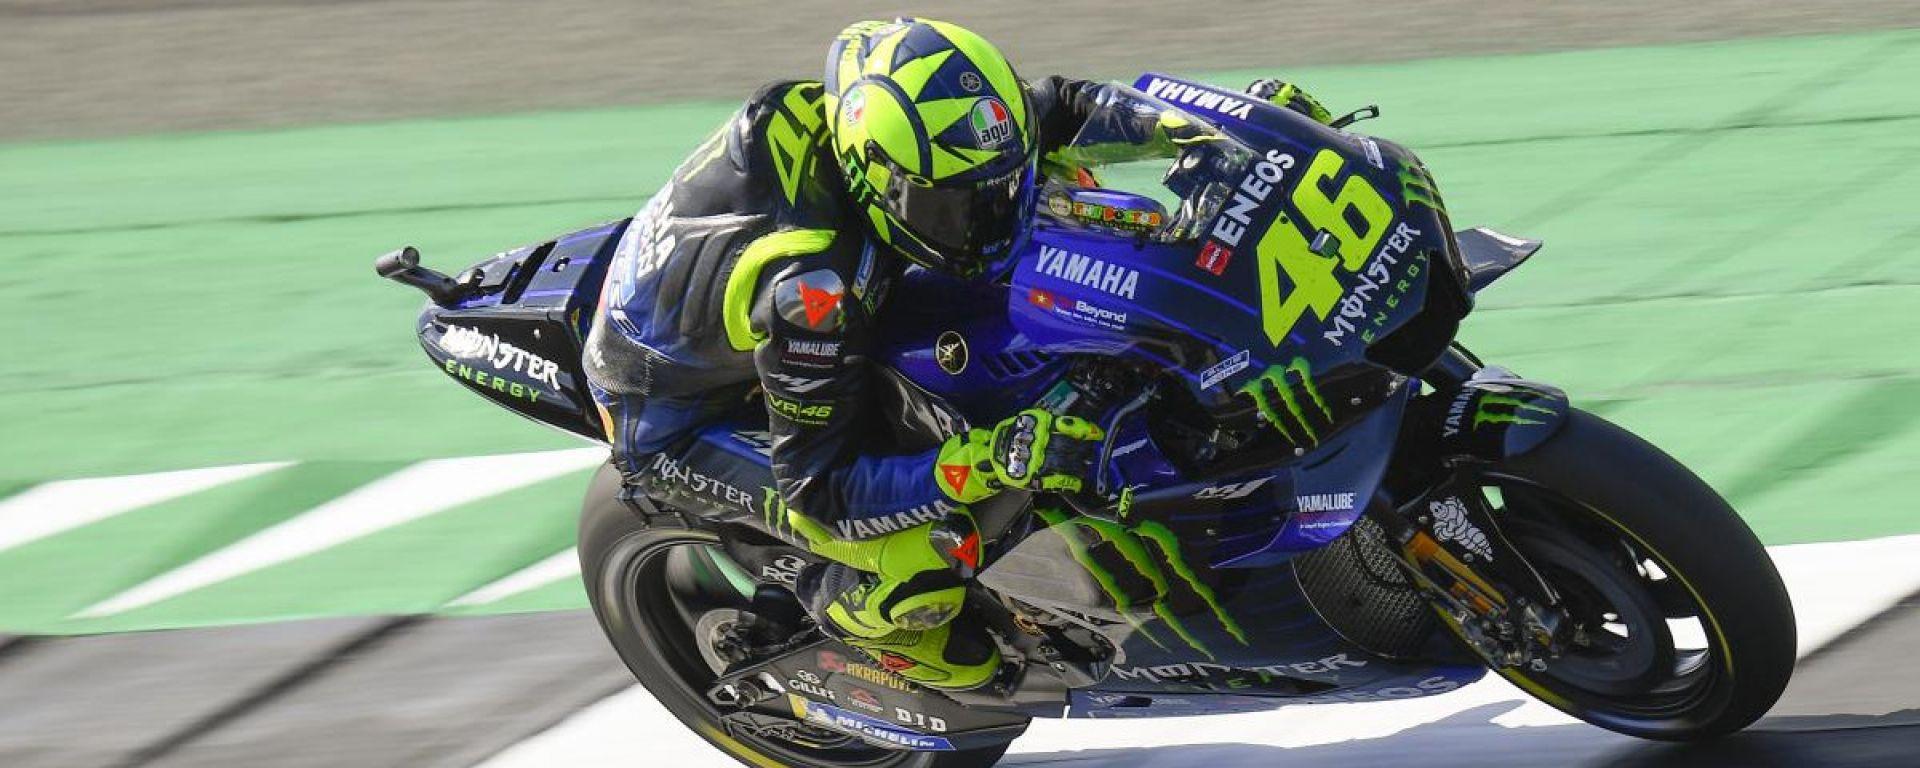 """MotoGP Silverstone, Rossi: """"Bello tornare in prima fila"""""""